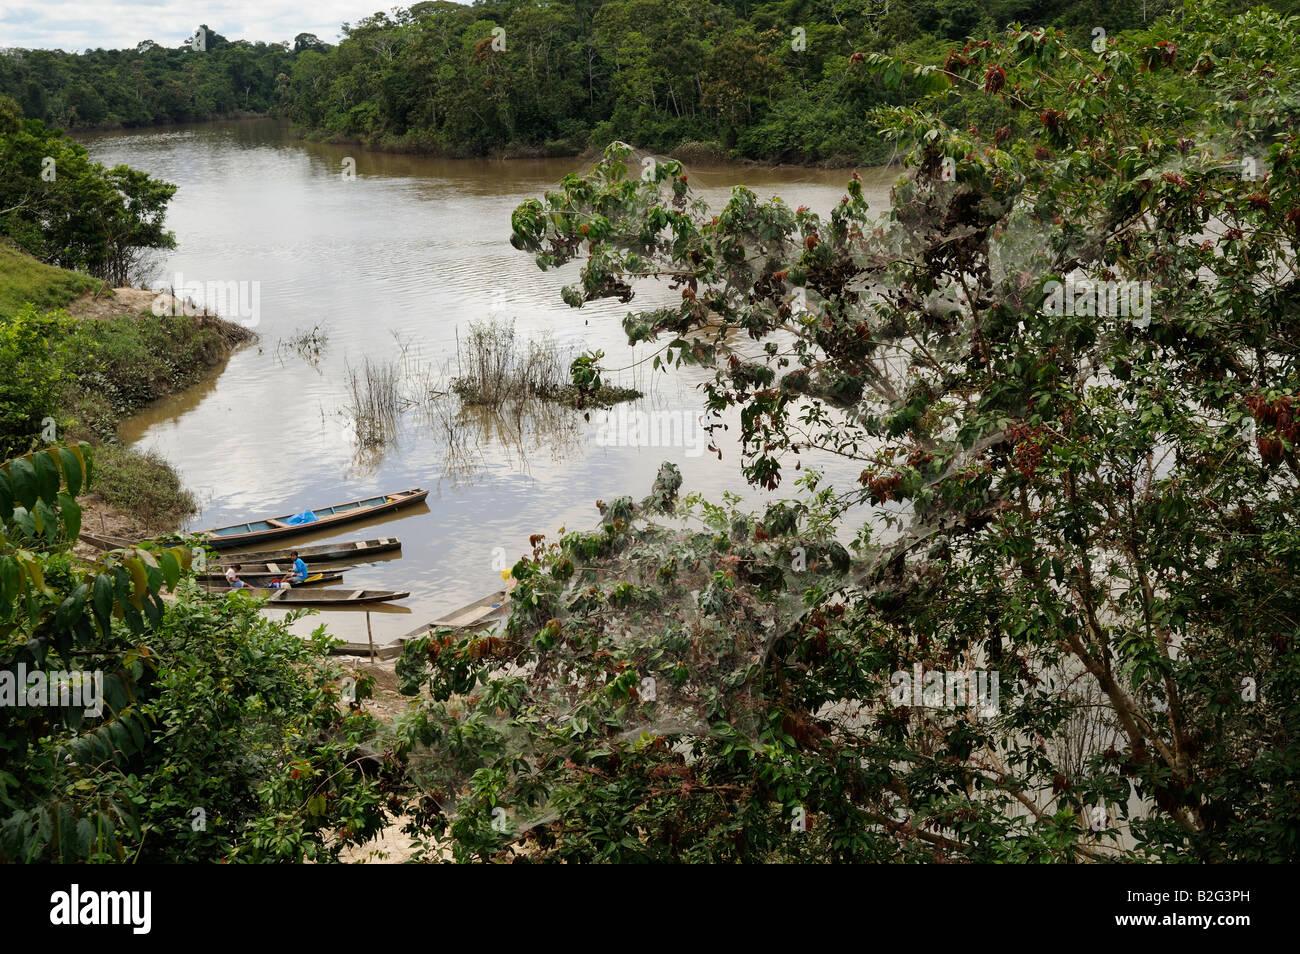 Tent caterpillars on the banks of the Yavari-Miri River, Yavari, Peru Amazon Rainforest - Stock Image